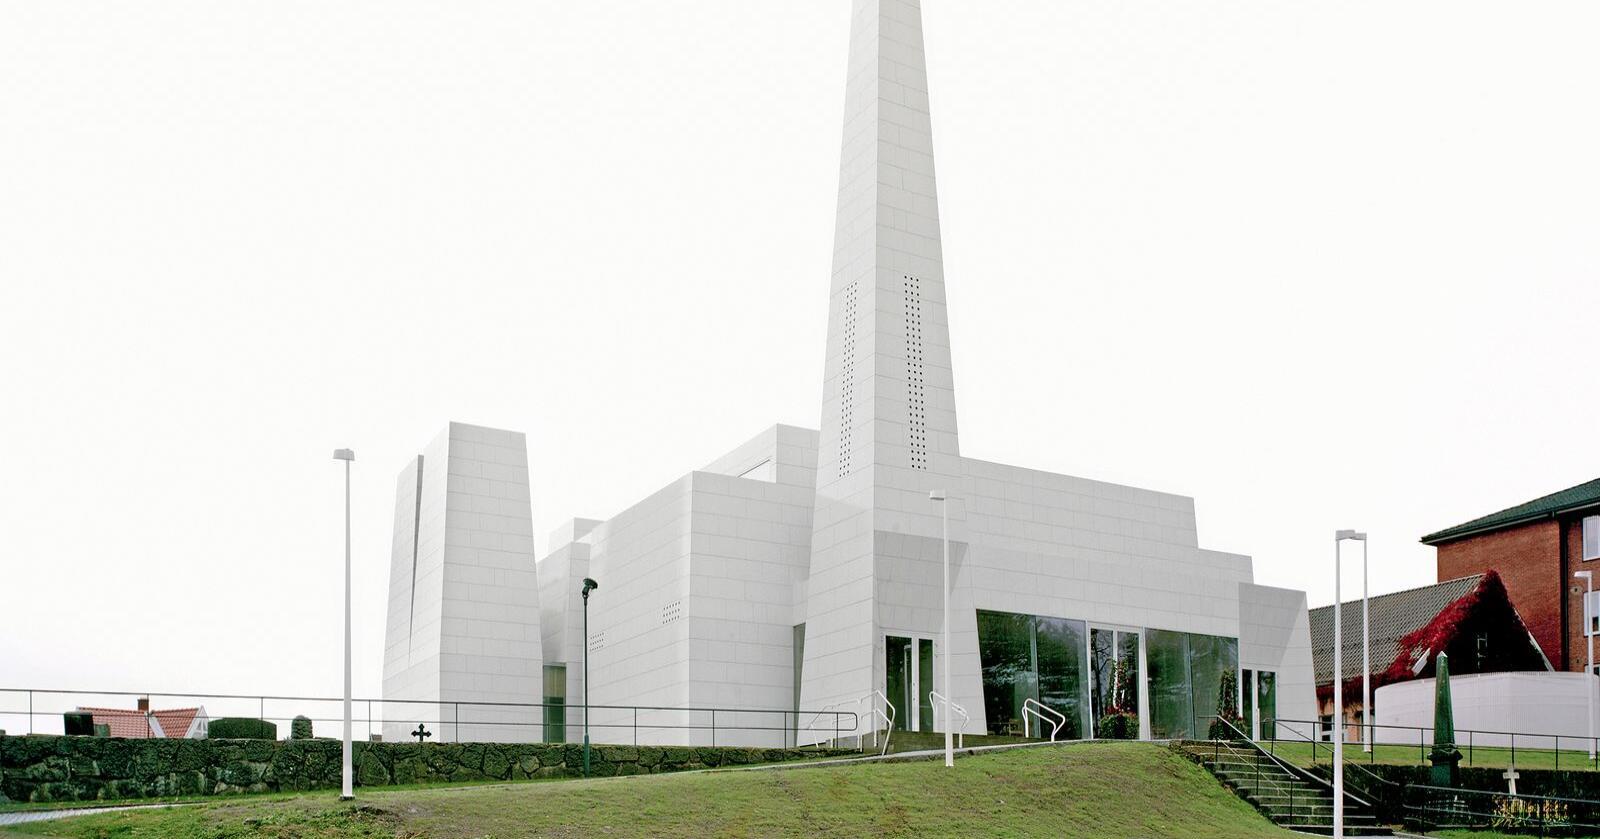 Østre Porsgrunn kirke. Foto: Arkitekt Espen Surnevik og fotograf Rasmus Norlander